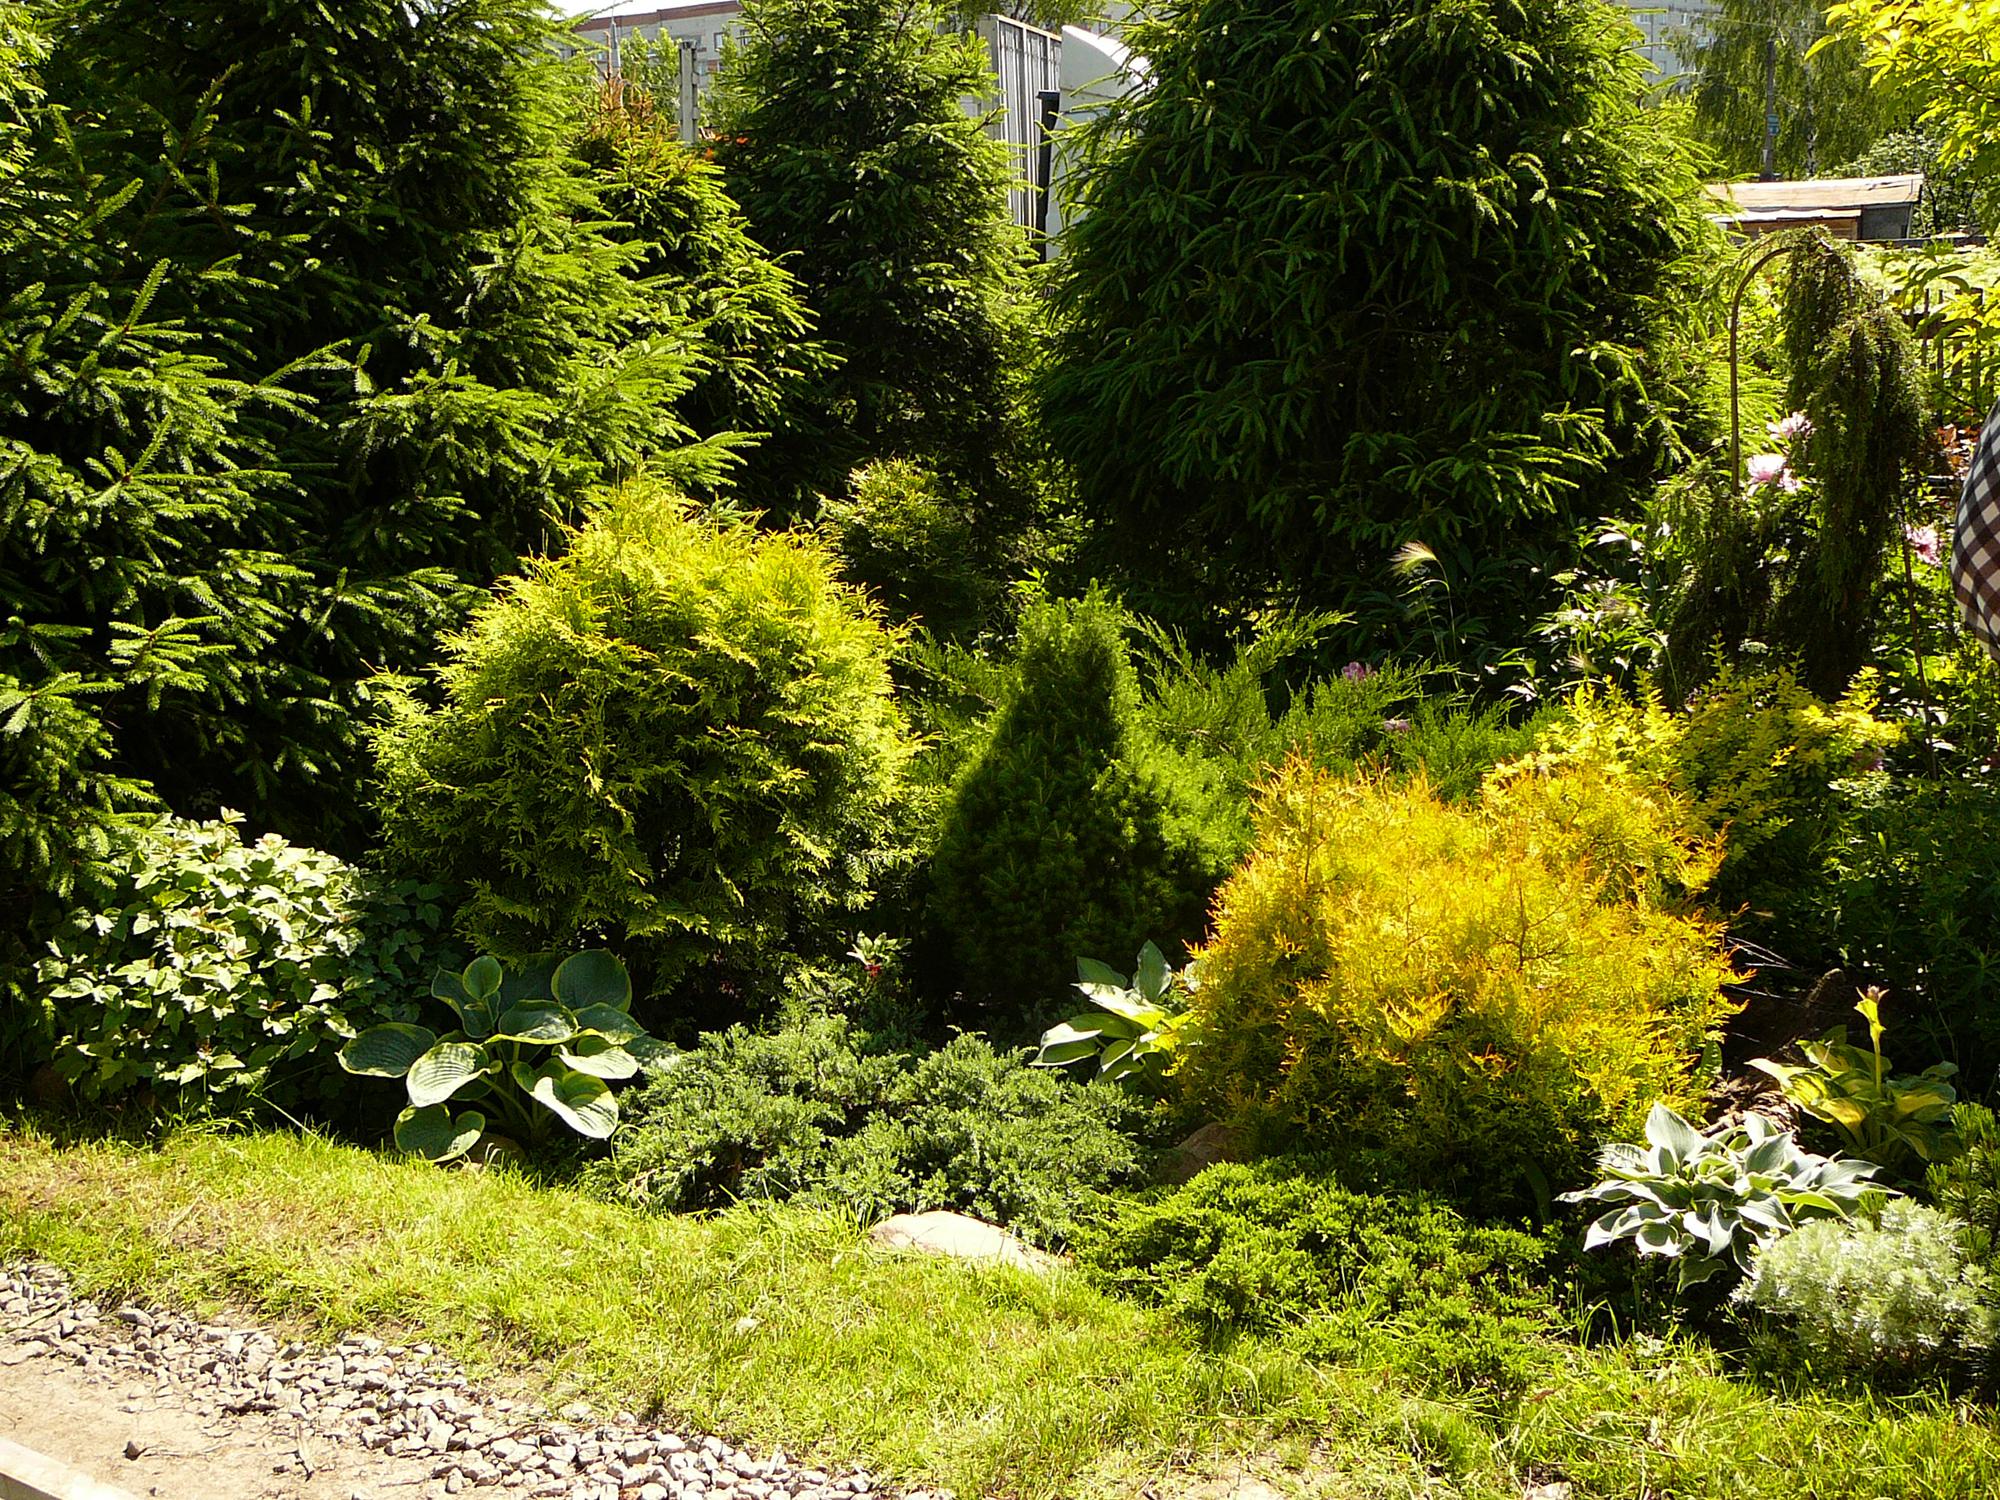 Тропинка и хвойные деревья в ландшафтном дизайне